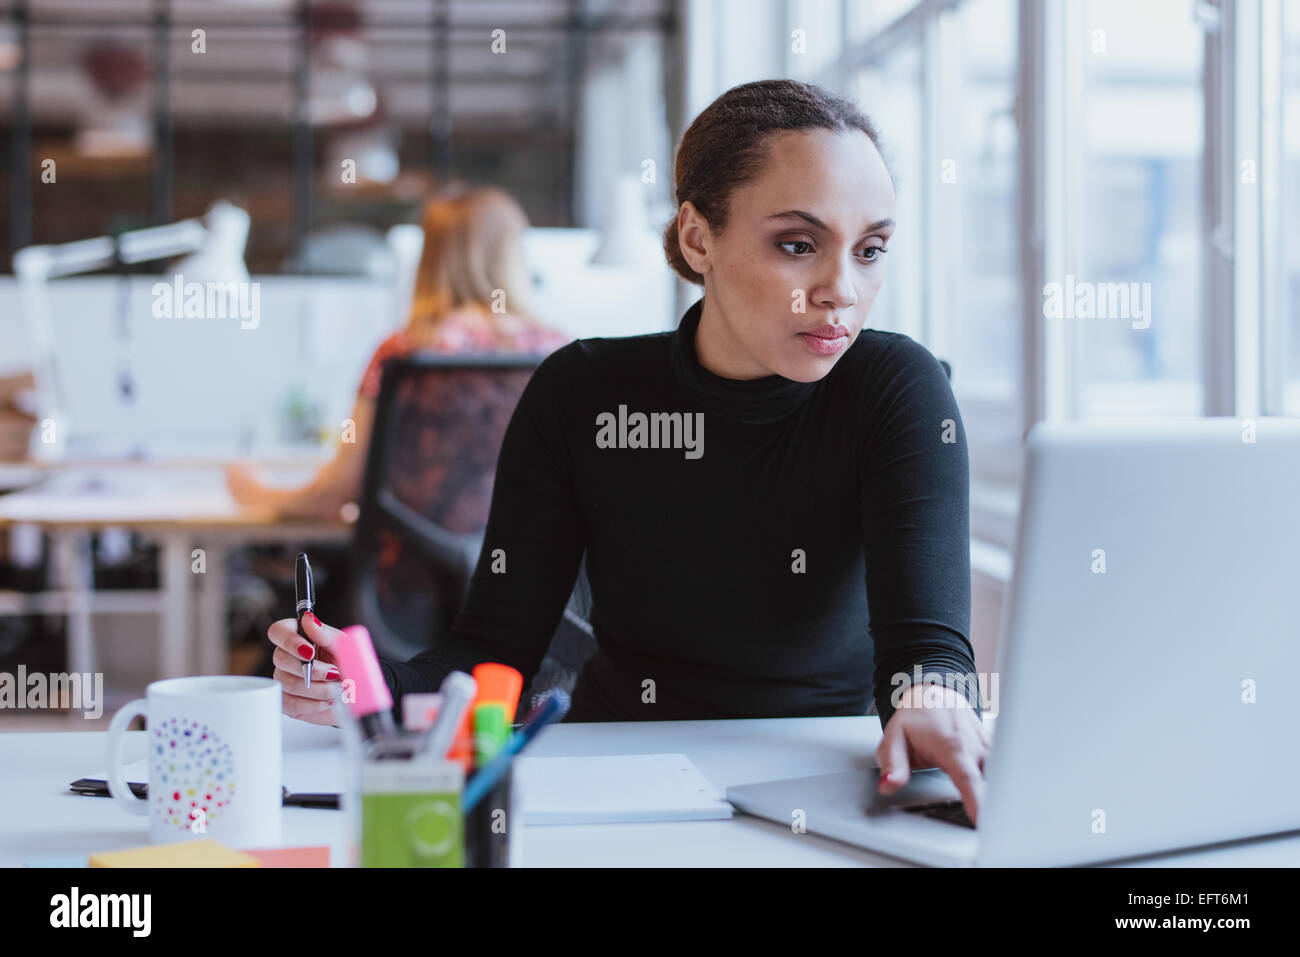 Immagine della giovane donna che lavorano su computer portatile mentre è seduto alla sua scrivania in ufficio Immagini Stock